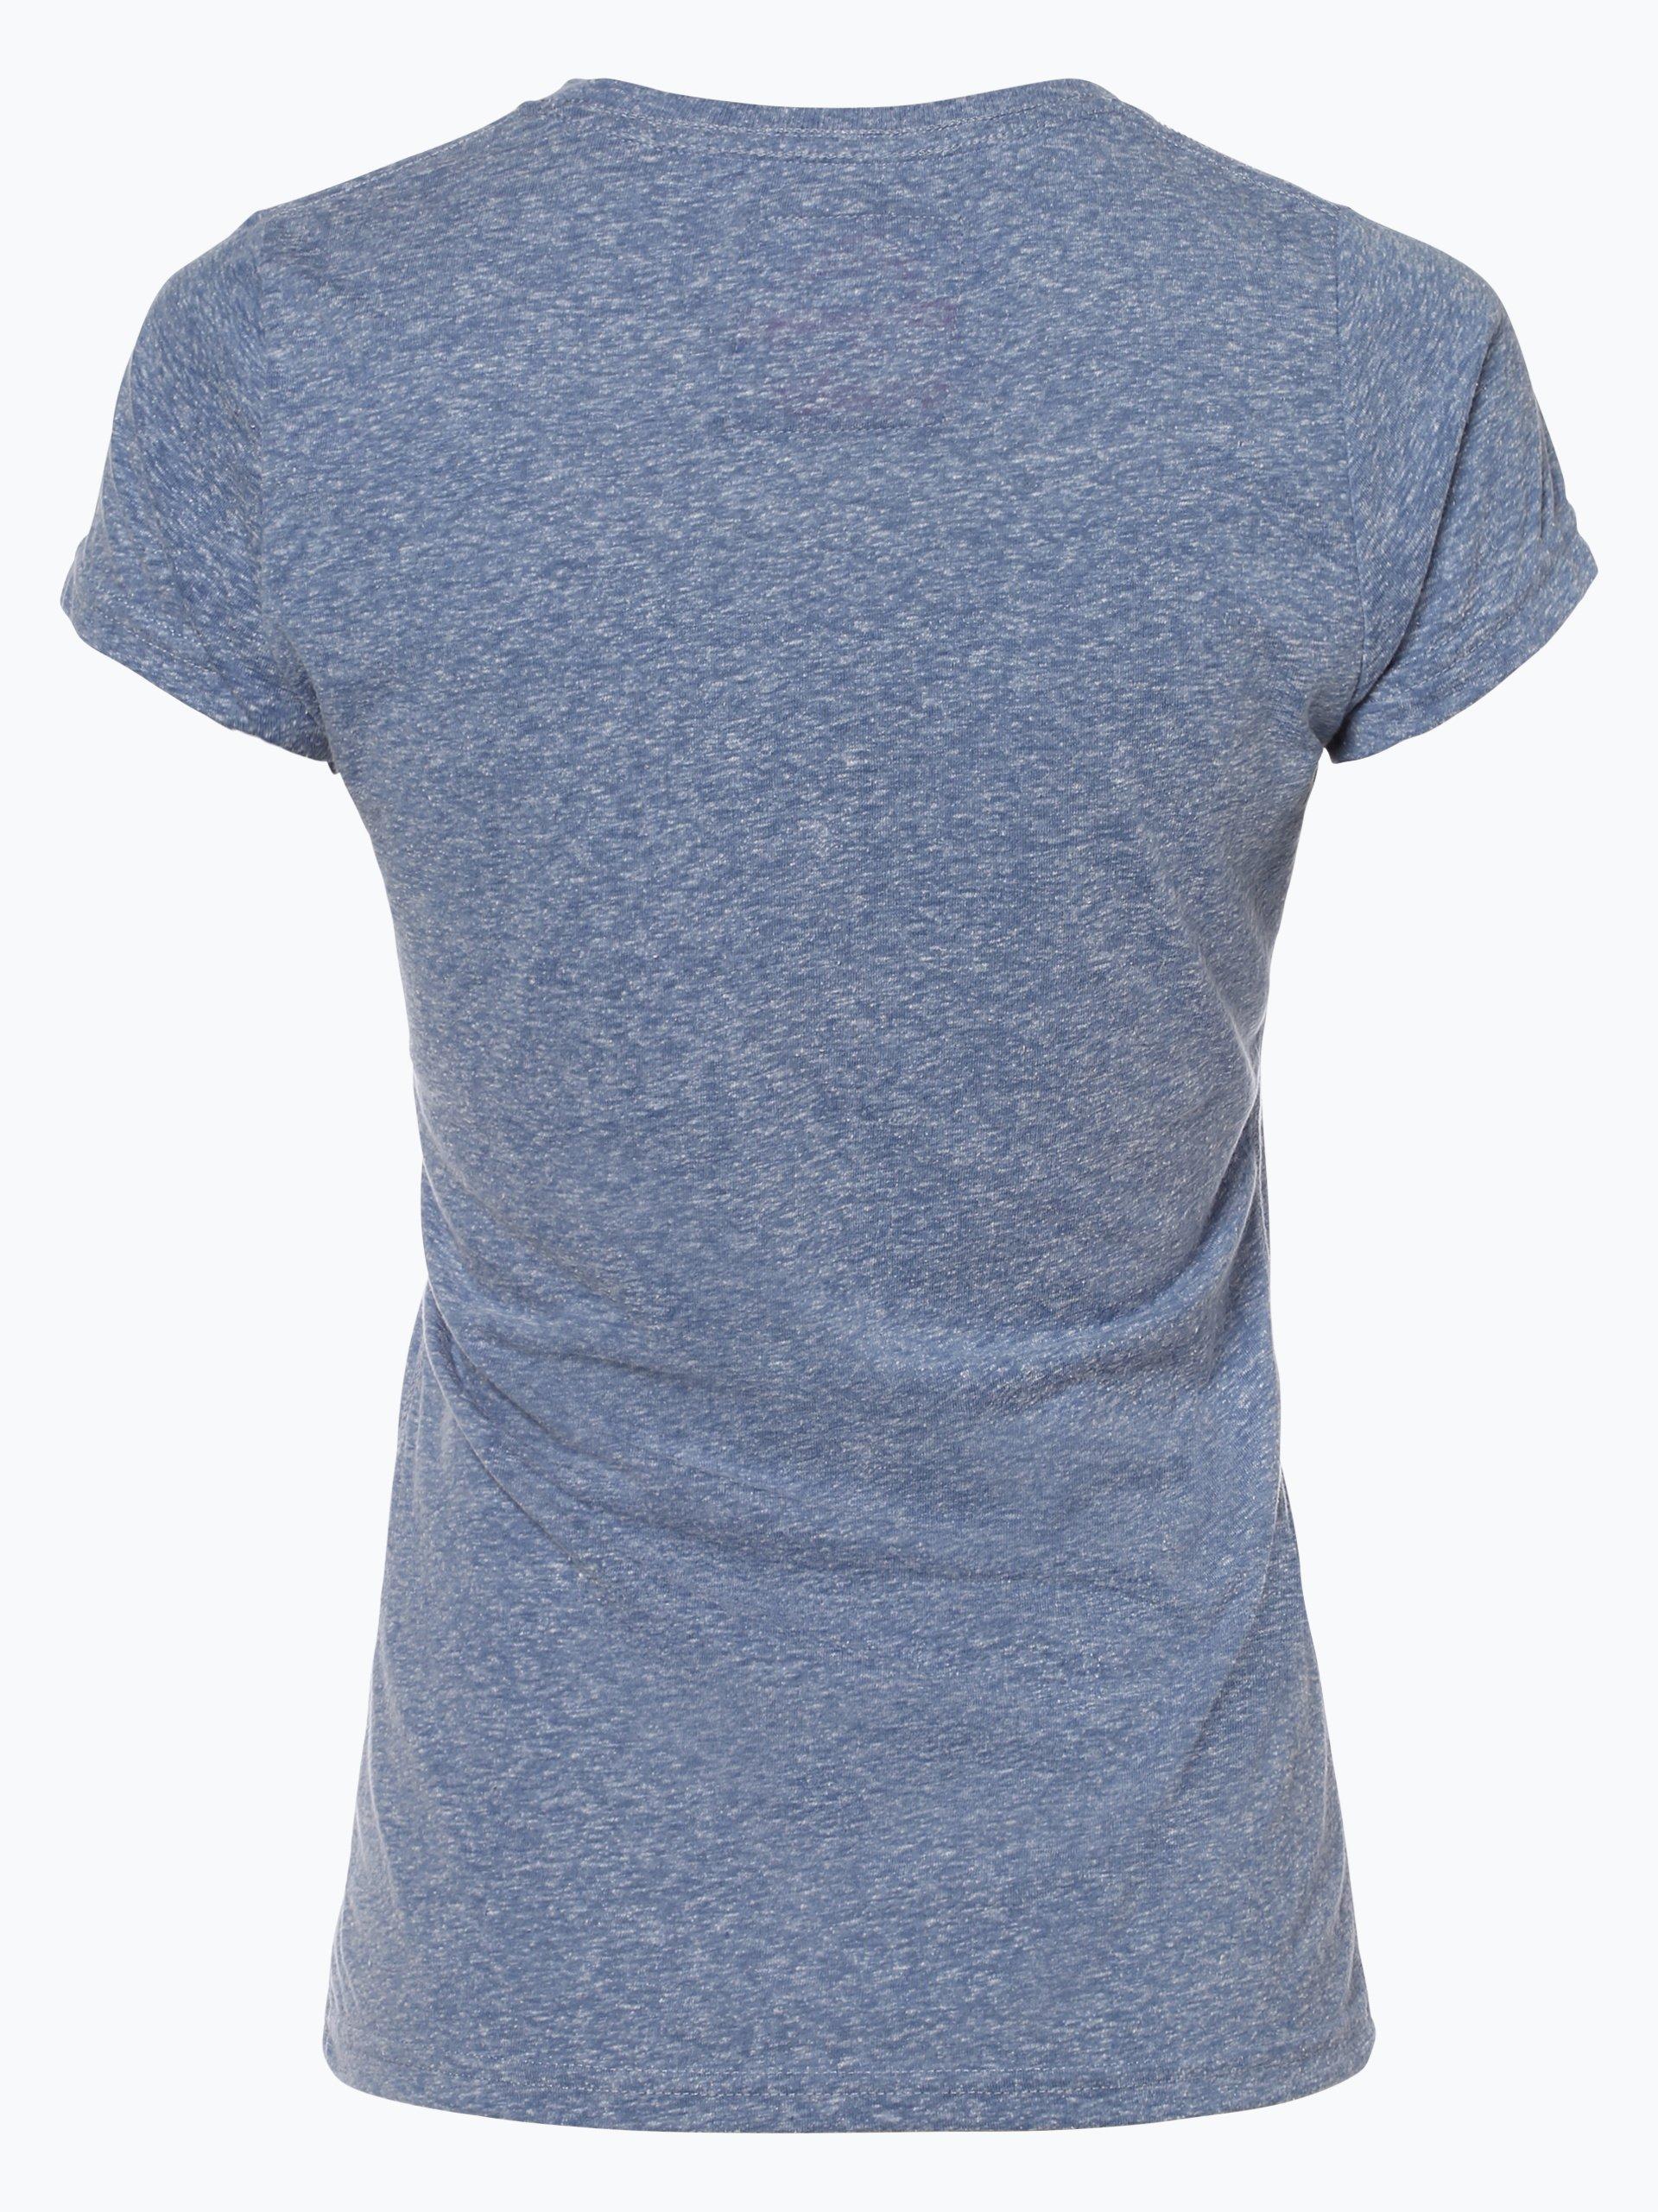 superdry damen t shirt royal denim uni online kaufen. Black Bedroom Furniture Sets. Home Design Ideas